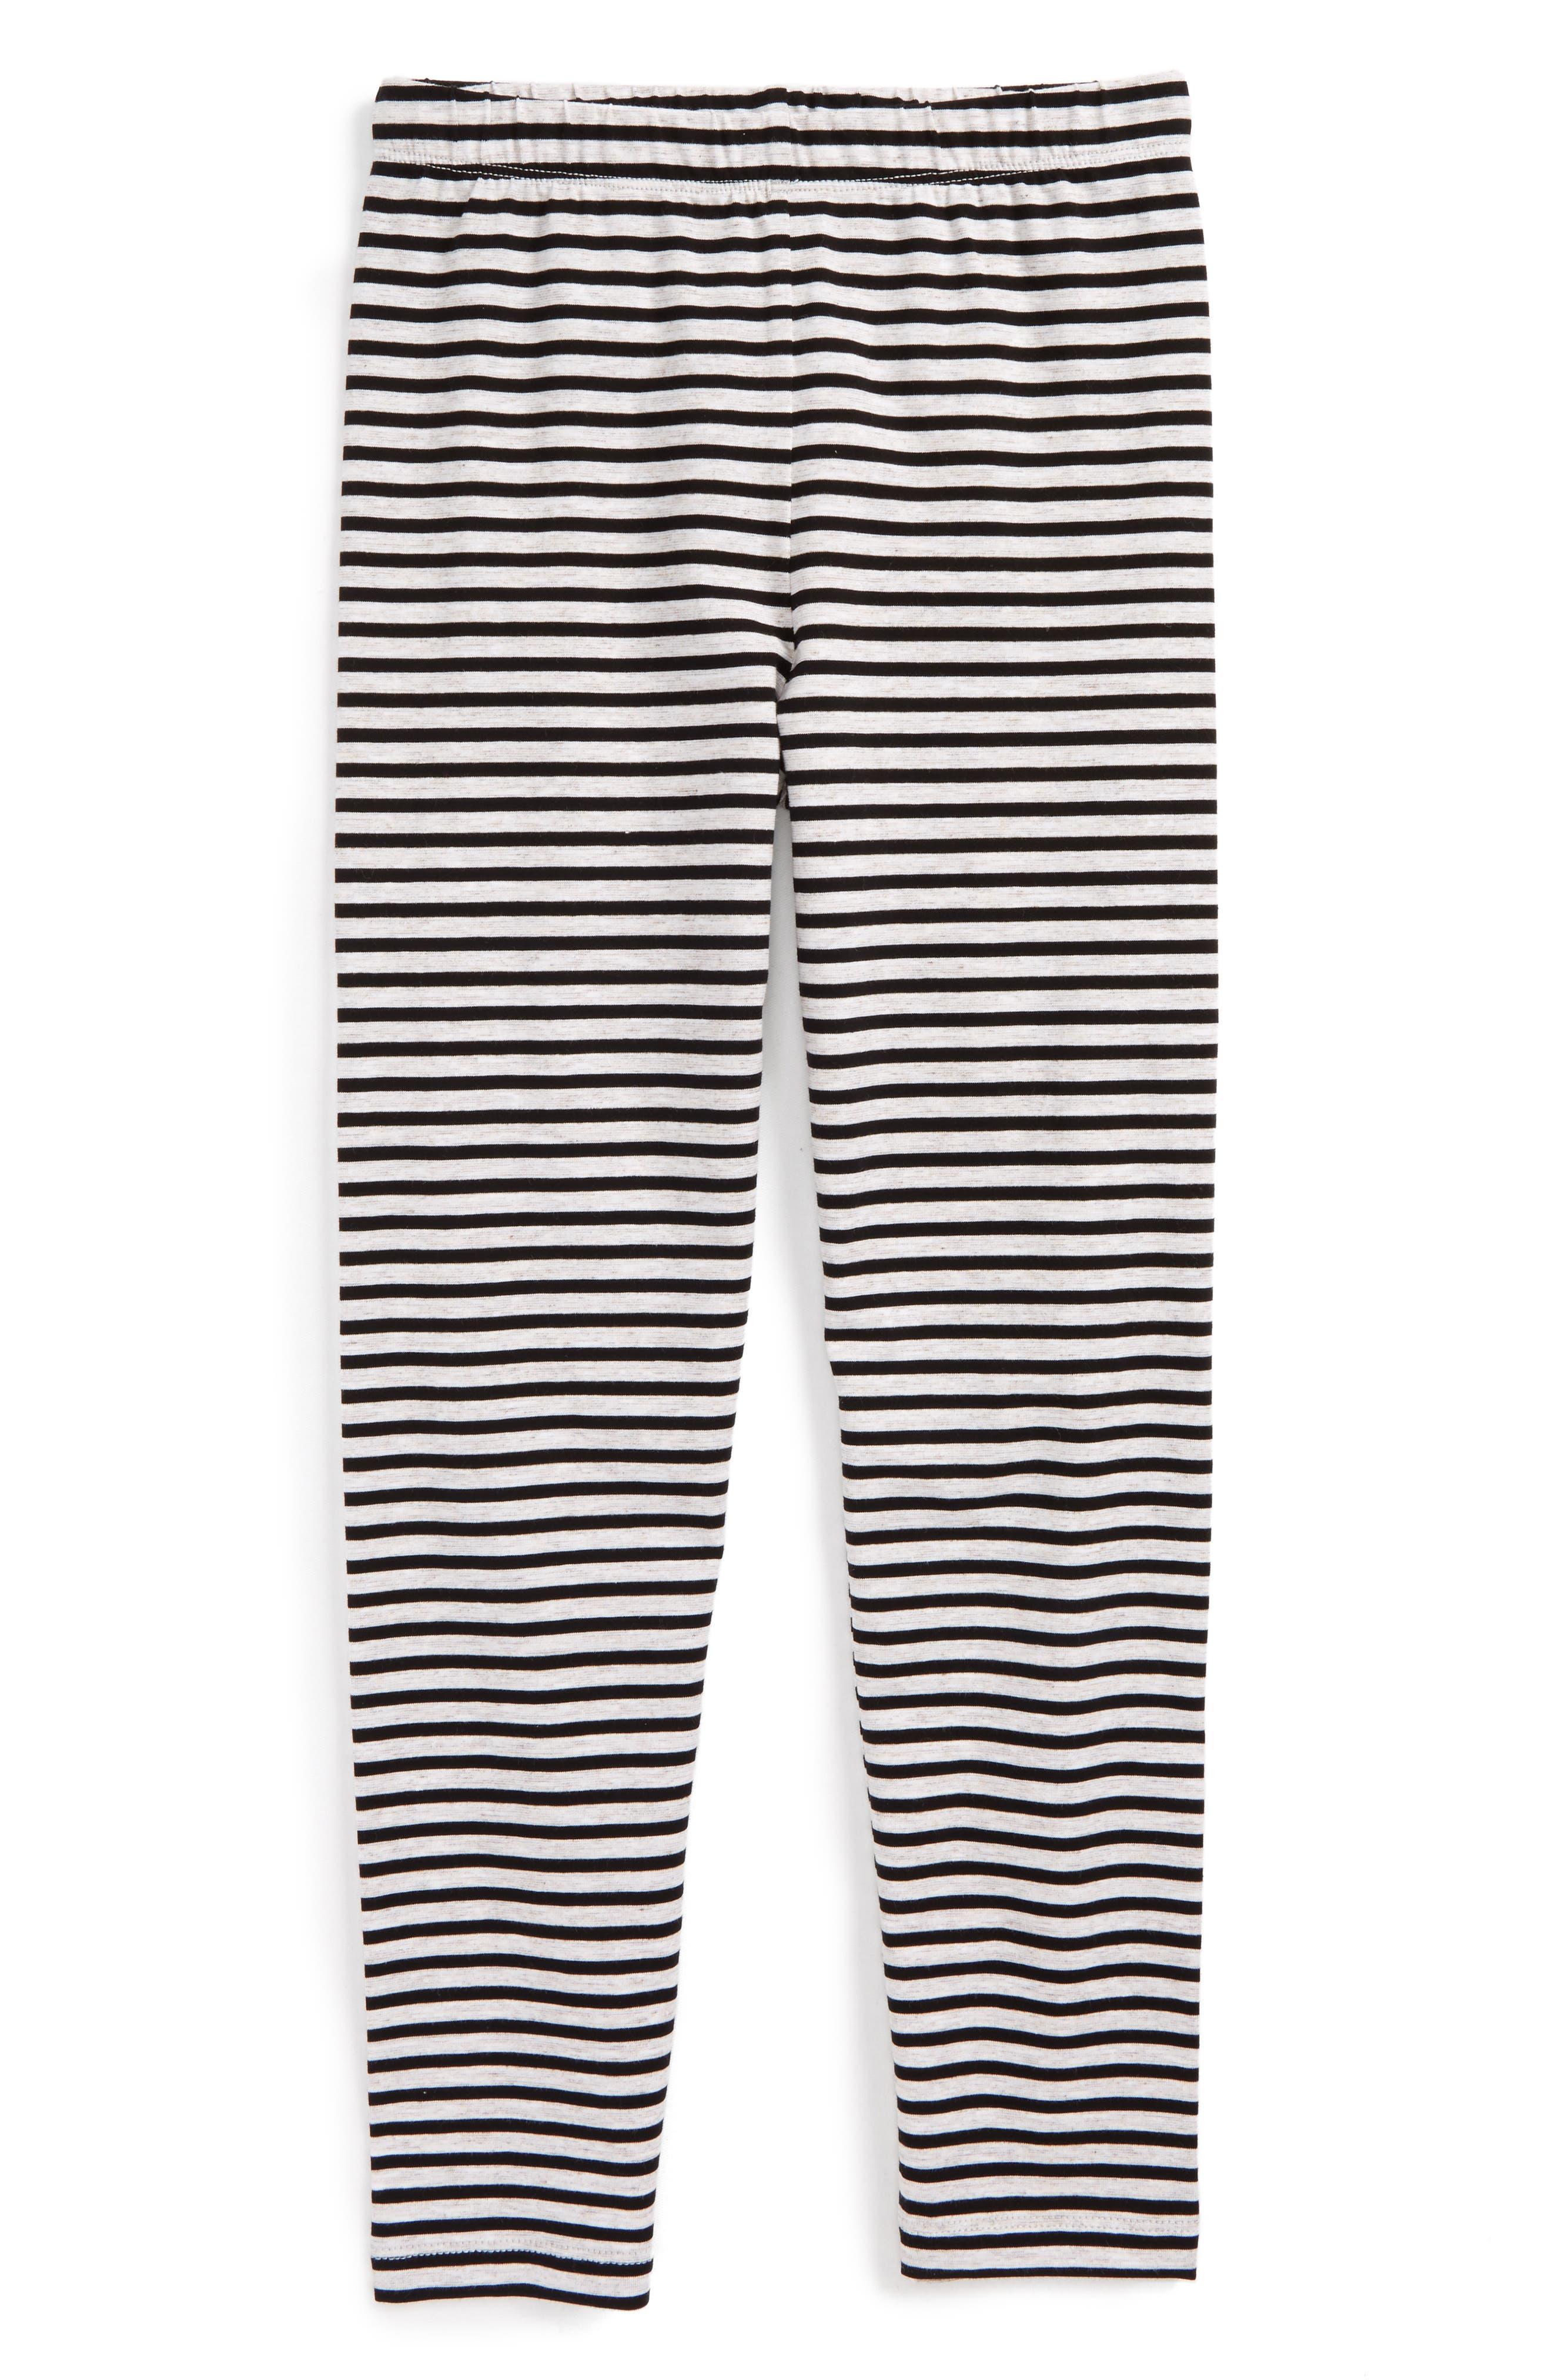 Main Image - Truly Me Stripe Leggings (Toddler Girls & Little Girls)